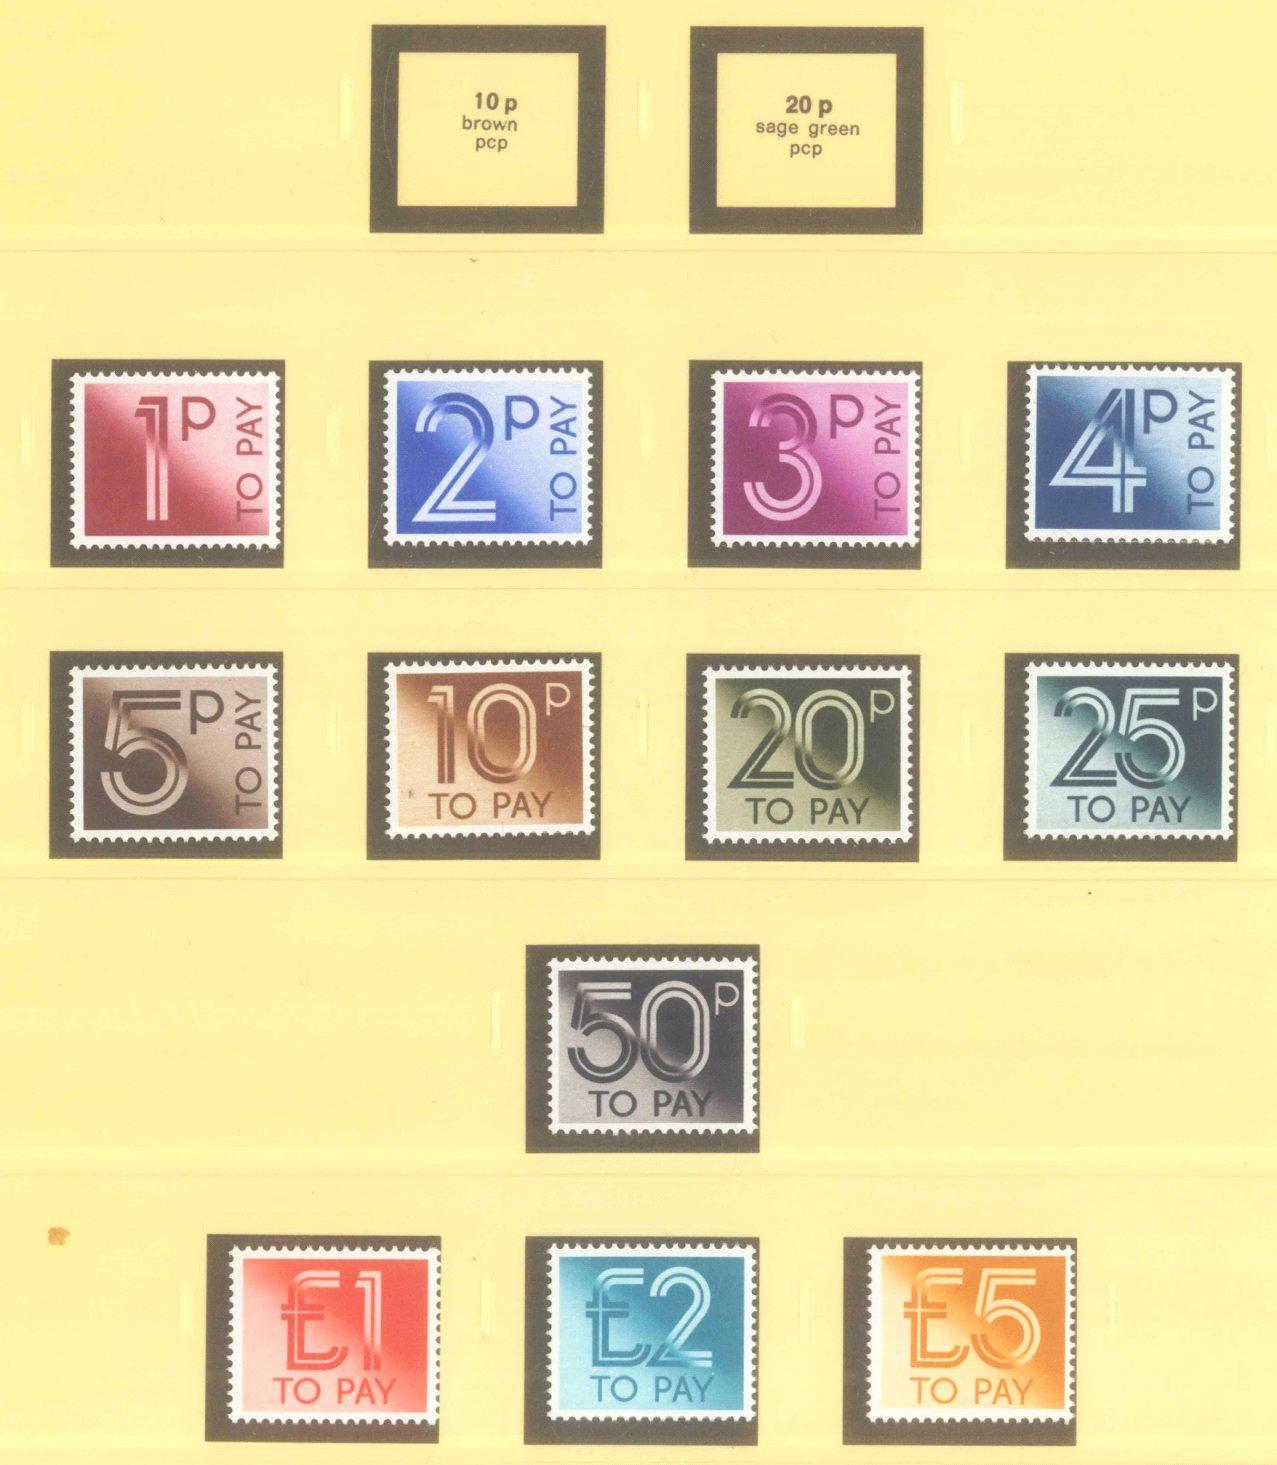 GROSSBRITANNIEN 1967-1985, NOMINALE: 82,- BRITISCHE PFUND-9